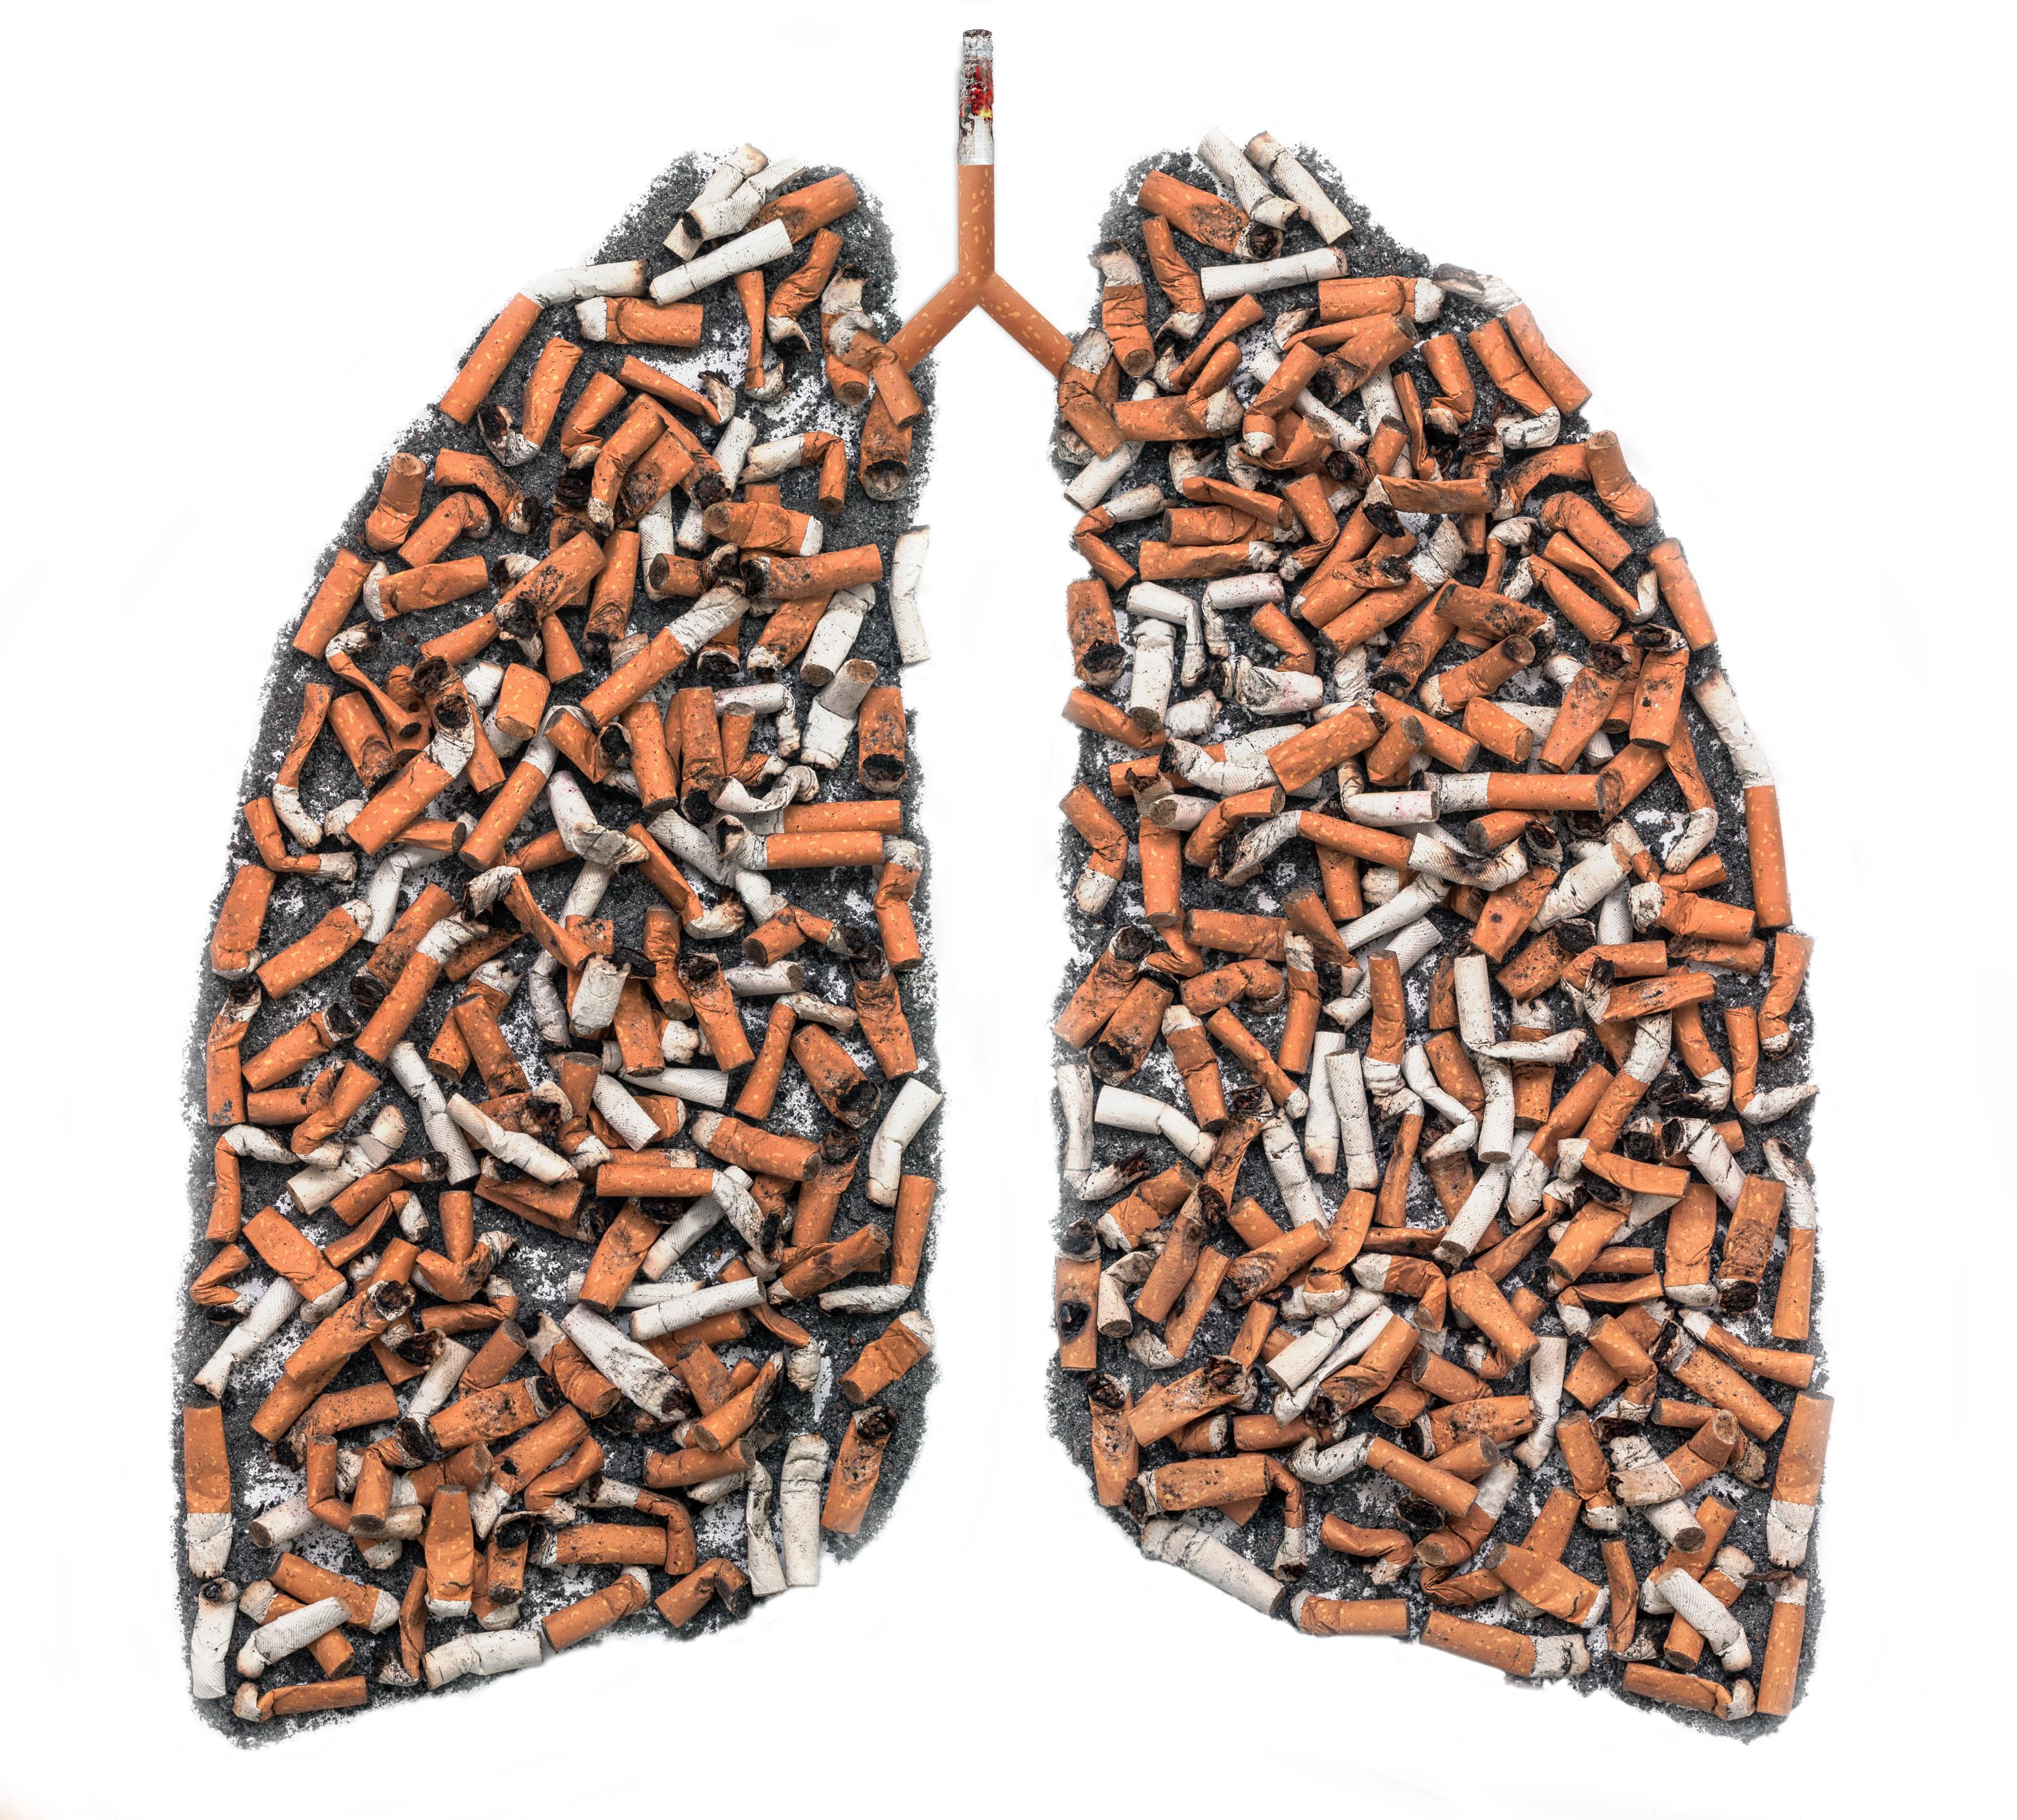 Poumon fait de cigarettes symbolisant les dommages fait par la fumée